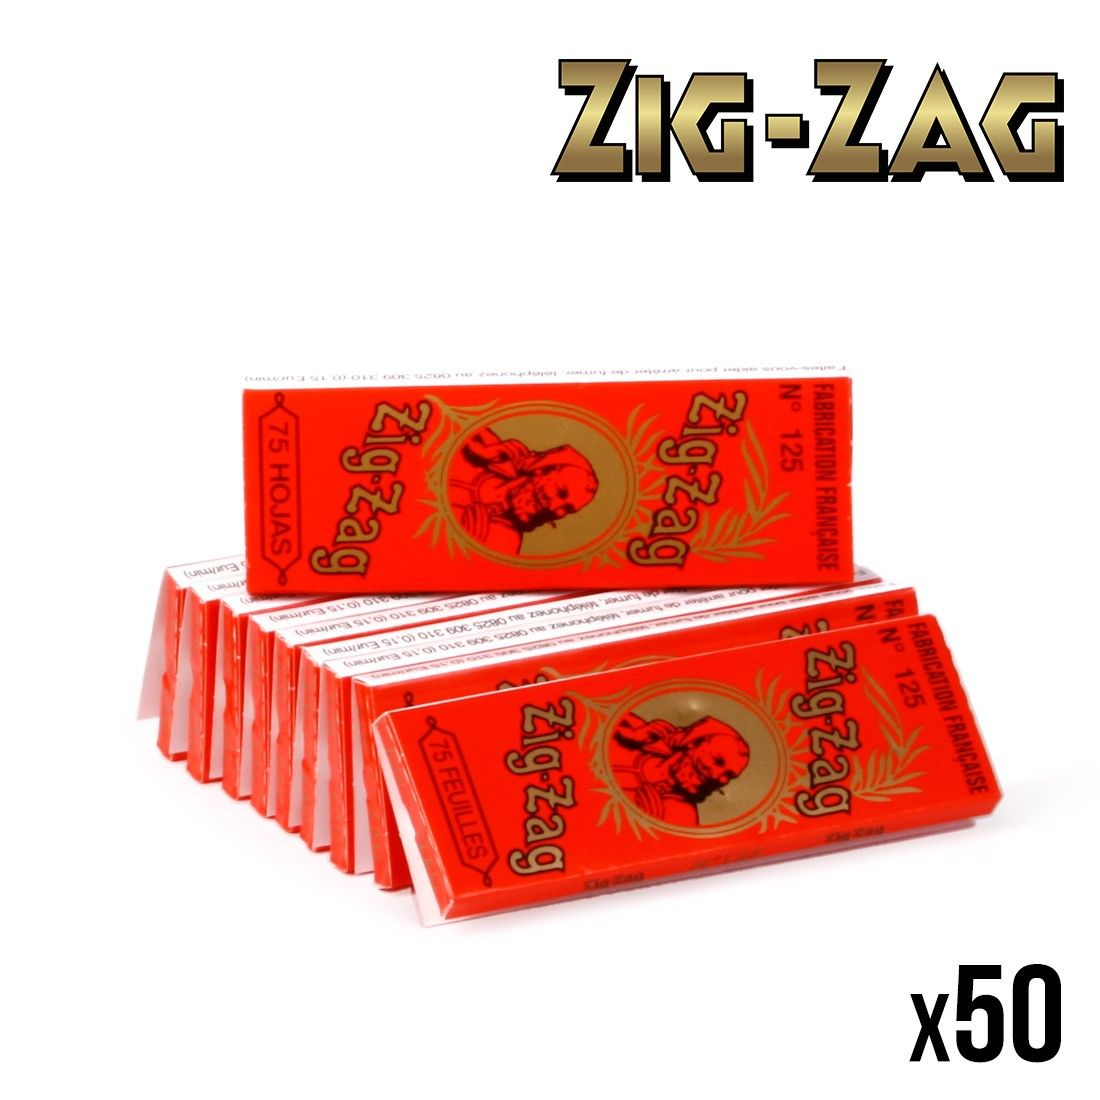 acheter papier a rouler zig zag prix discount achat en ligne feuille zig zag feuilles petit. Black Bedroom Furniture Sets. Home Design Ideas